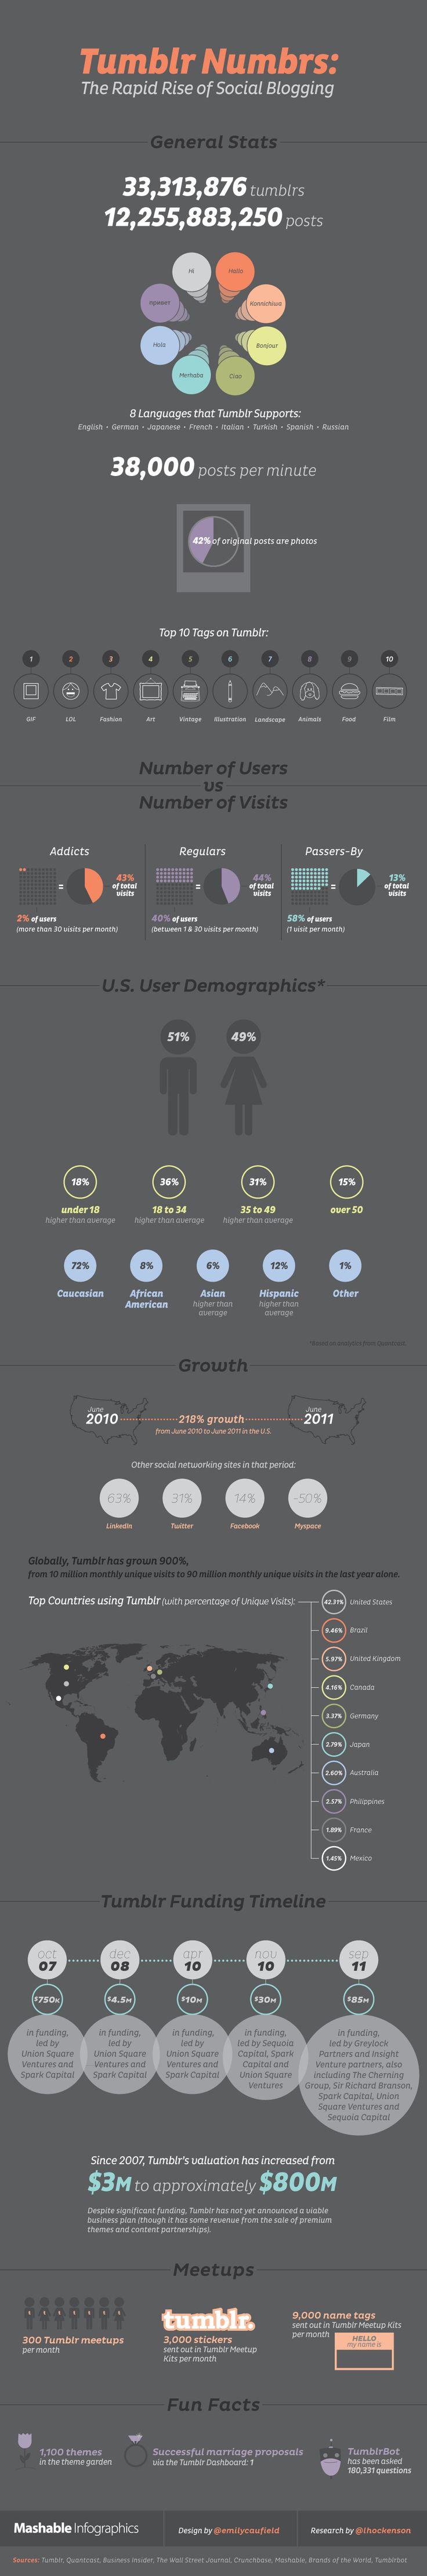 La vertiginosa crescita di Tumblr [infografica]  [clicca sull'immagine per visualizzare il mio articolo]